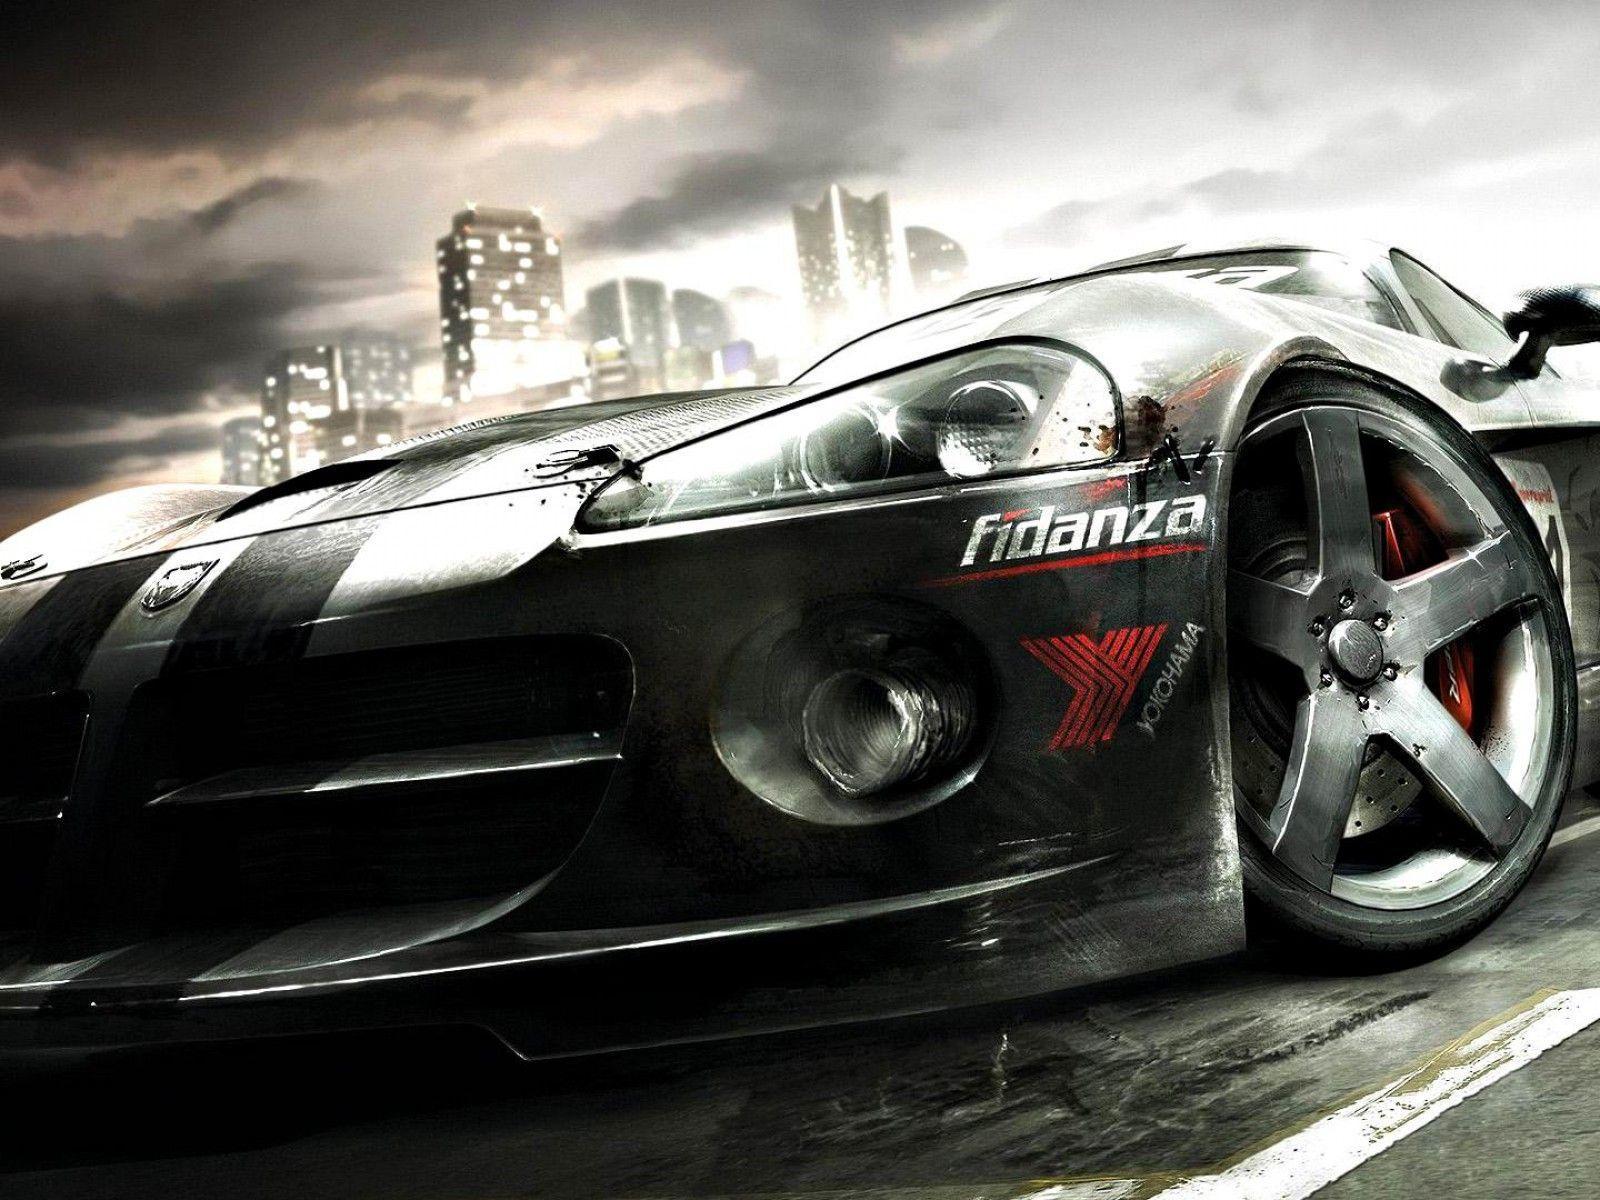 Sports Car HD Wallpapers Top Free Sports Car HD